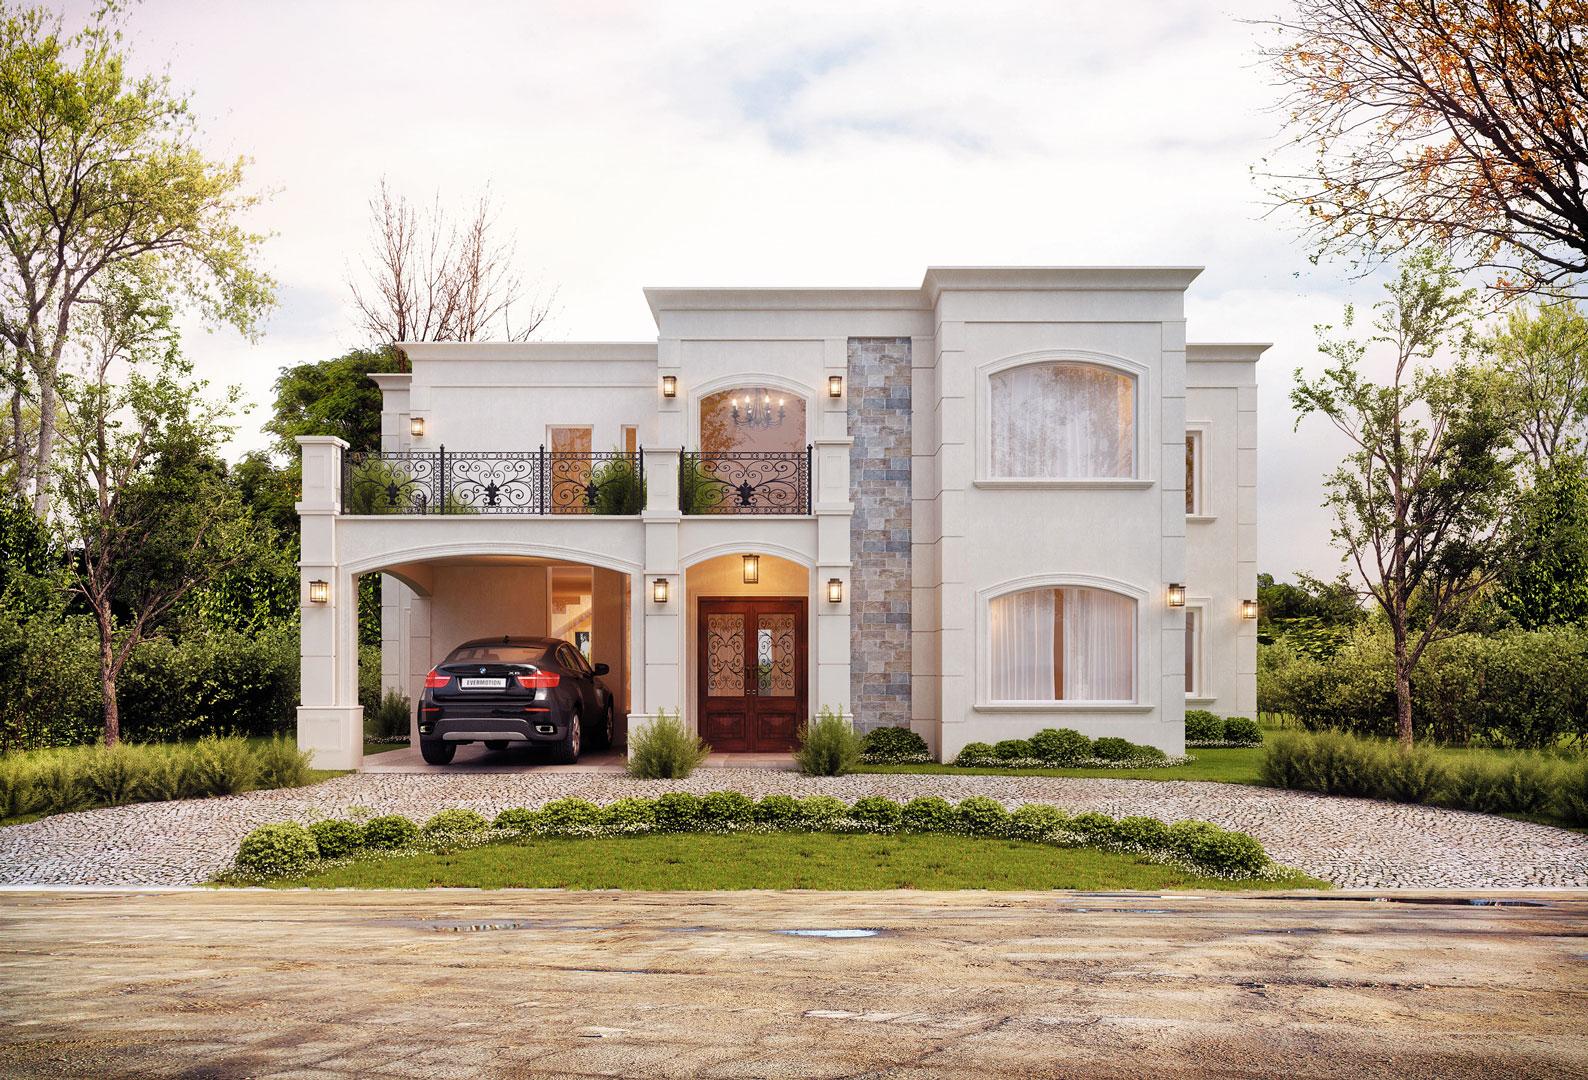 Fachadas de casas clasicas amazing casas clasicas with fachadas de casas clasicas beautiful - Casas clasicas modernas ...